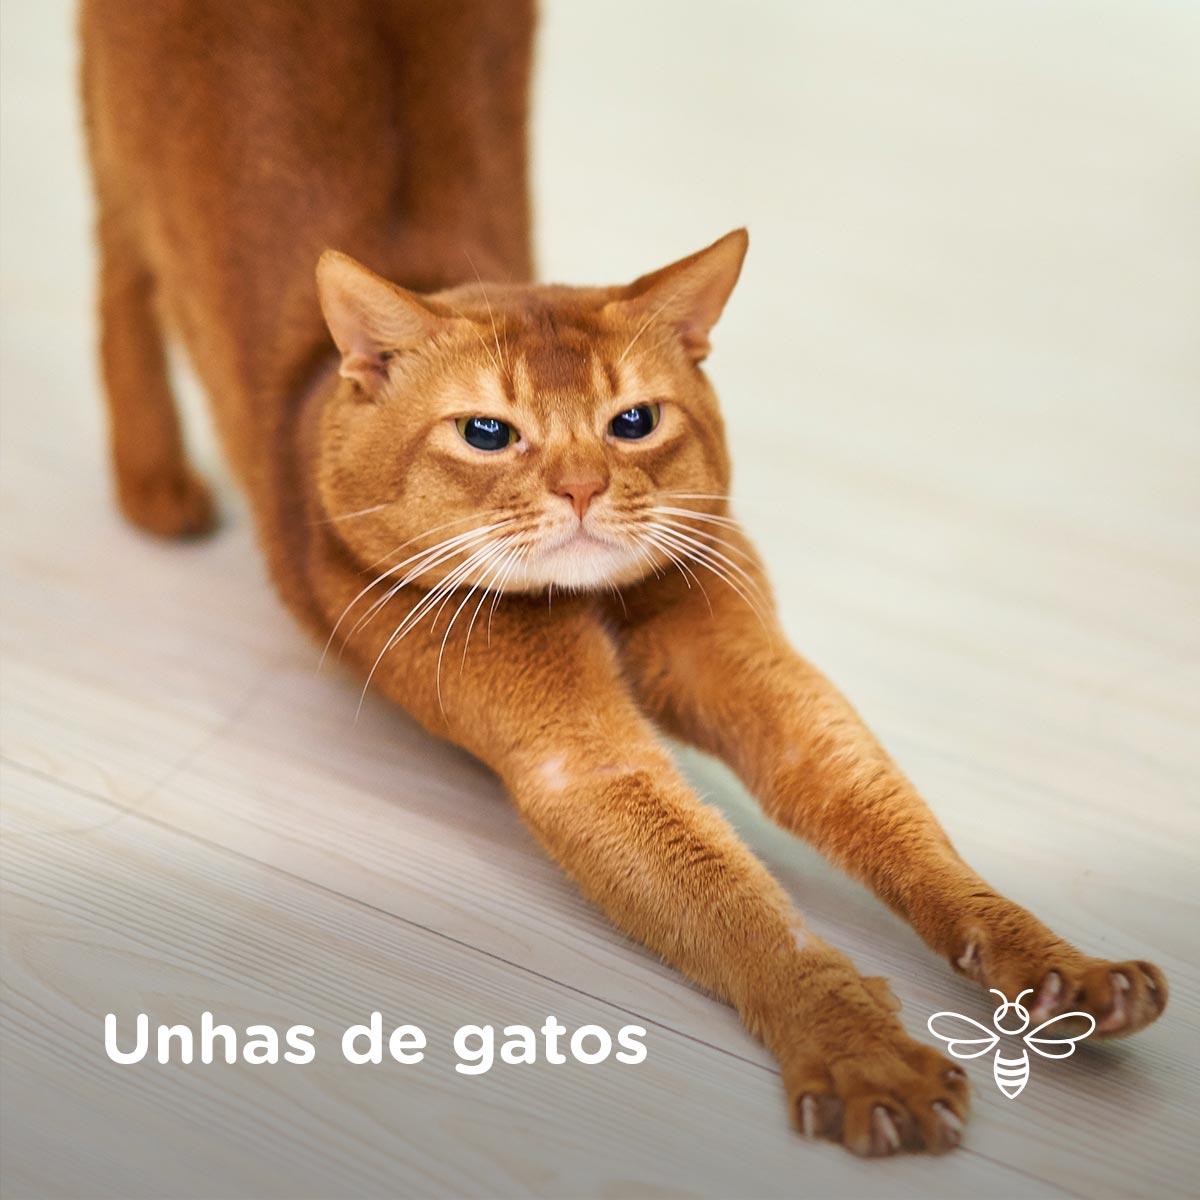 Unhas de gatos